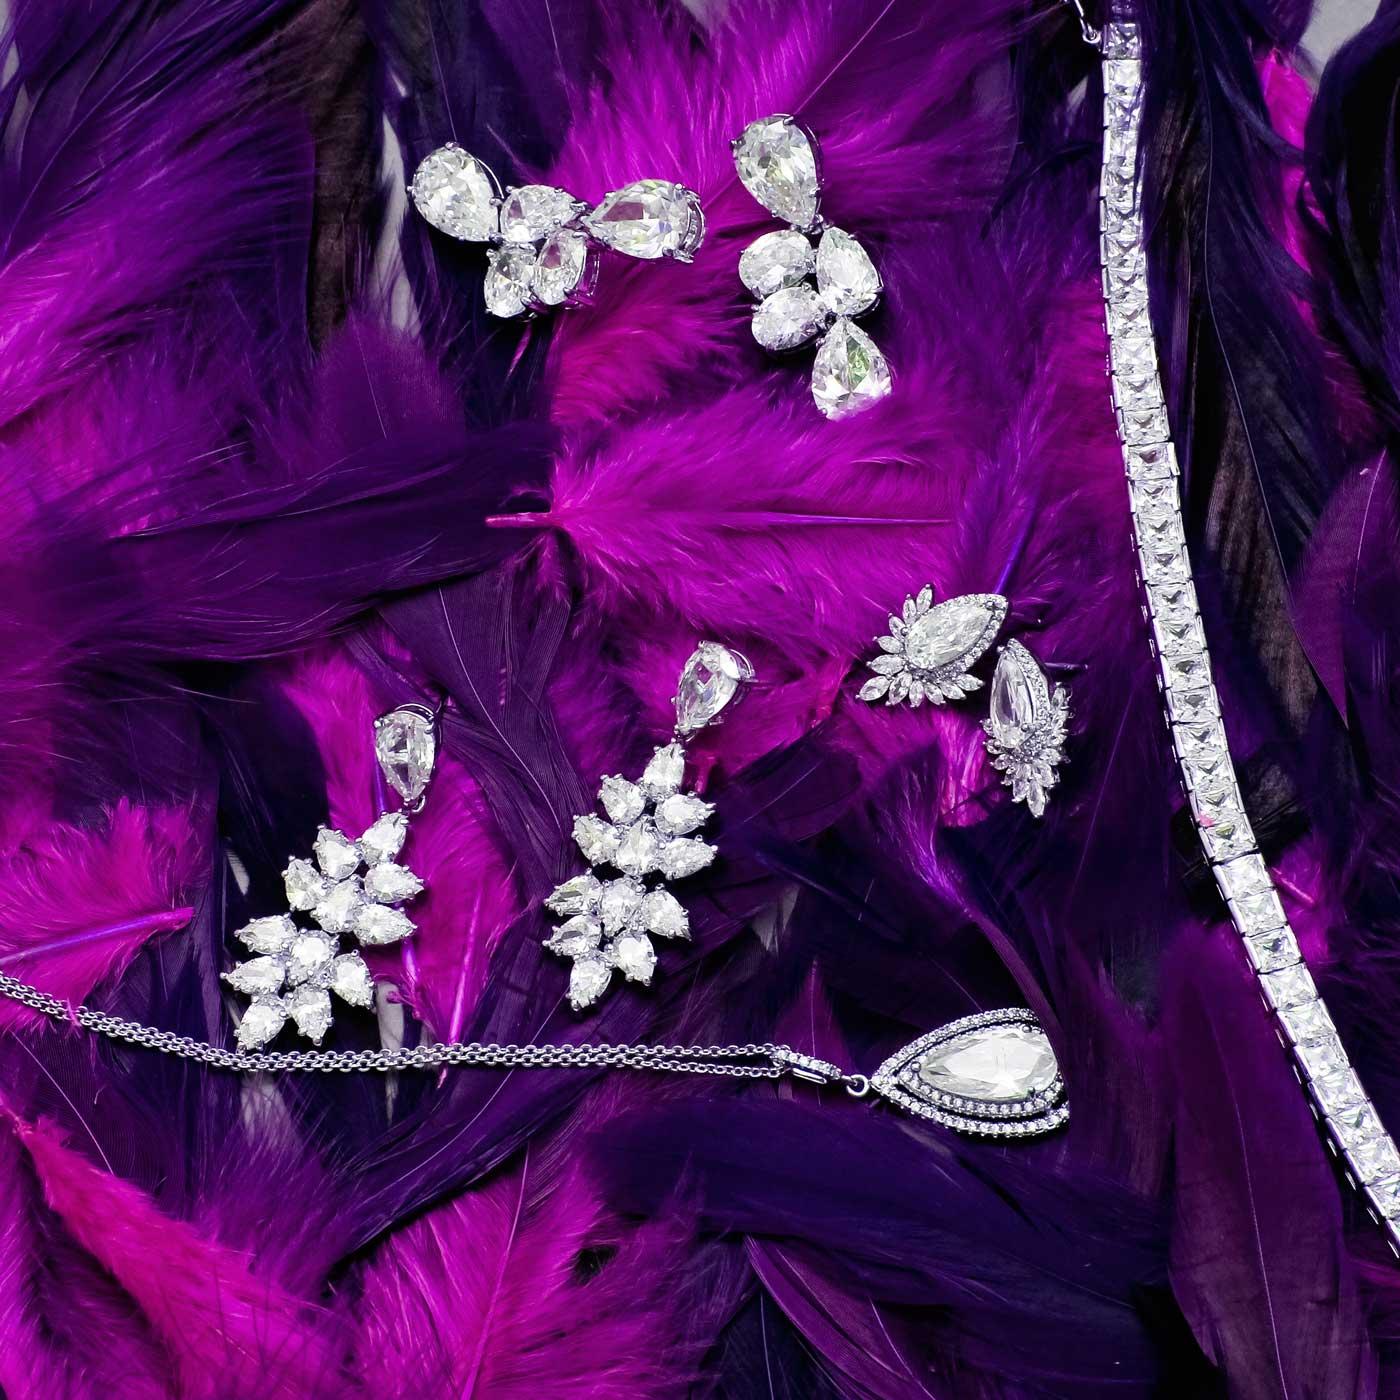 kryształowe dodatki ślubne, biżuteria ślubna, sklep, online, polecany